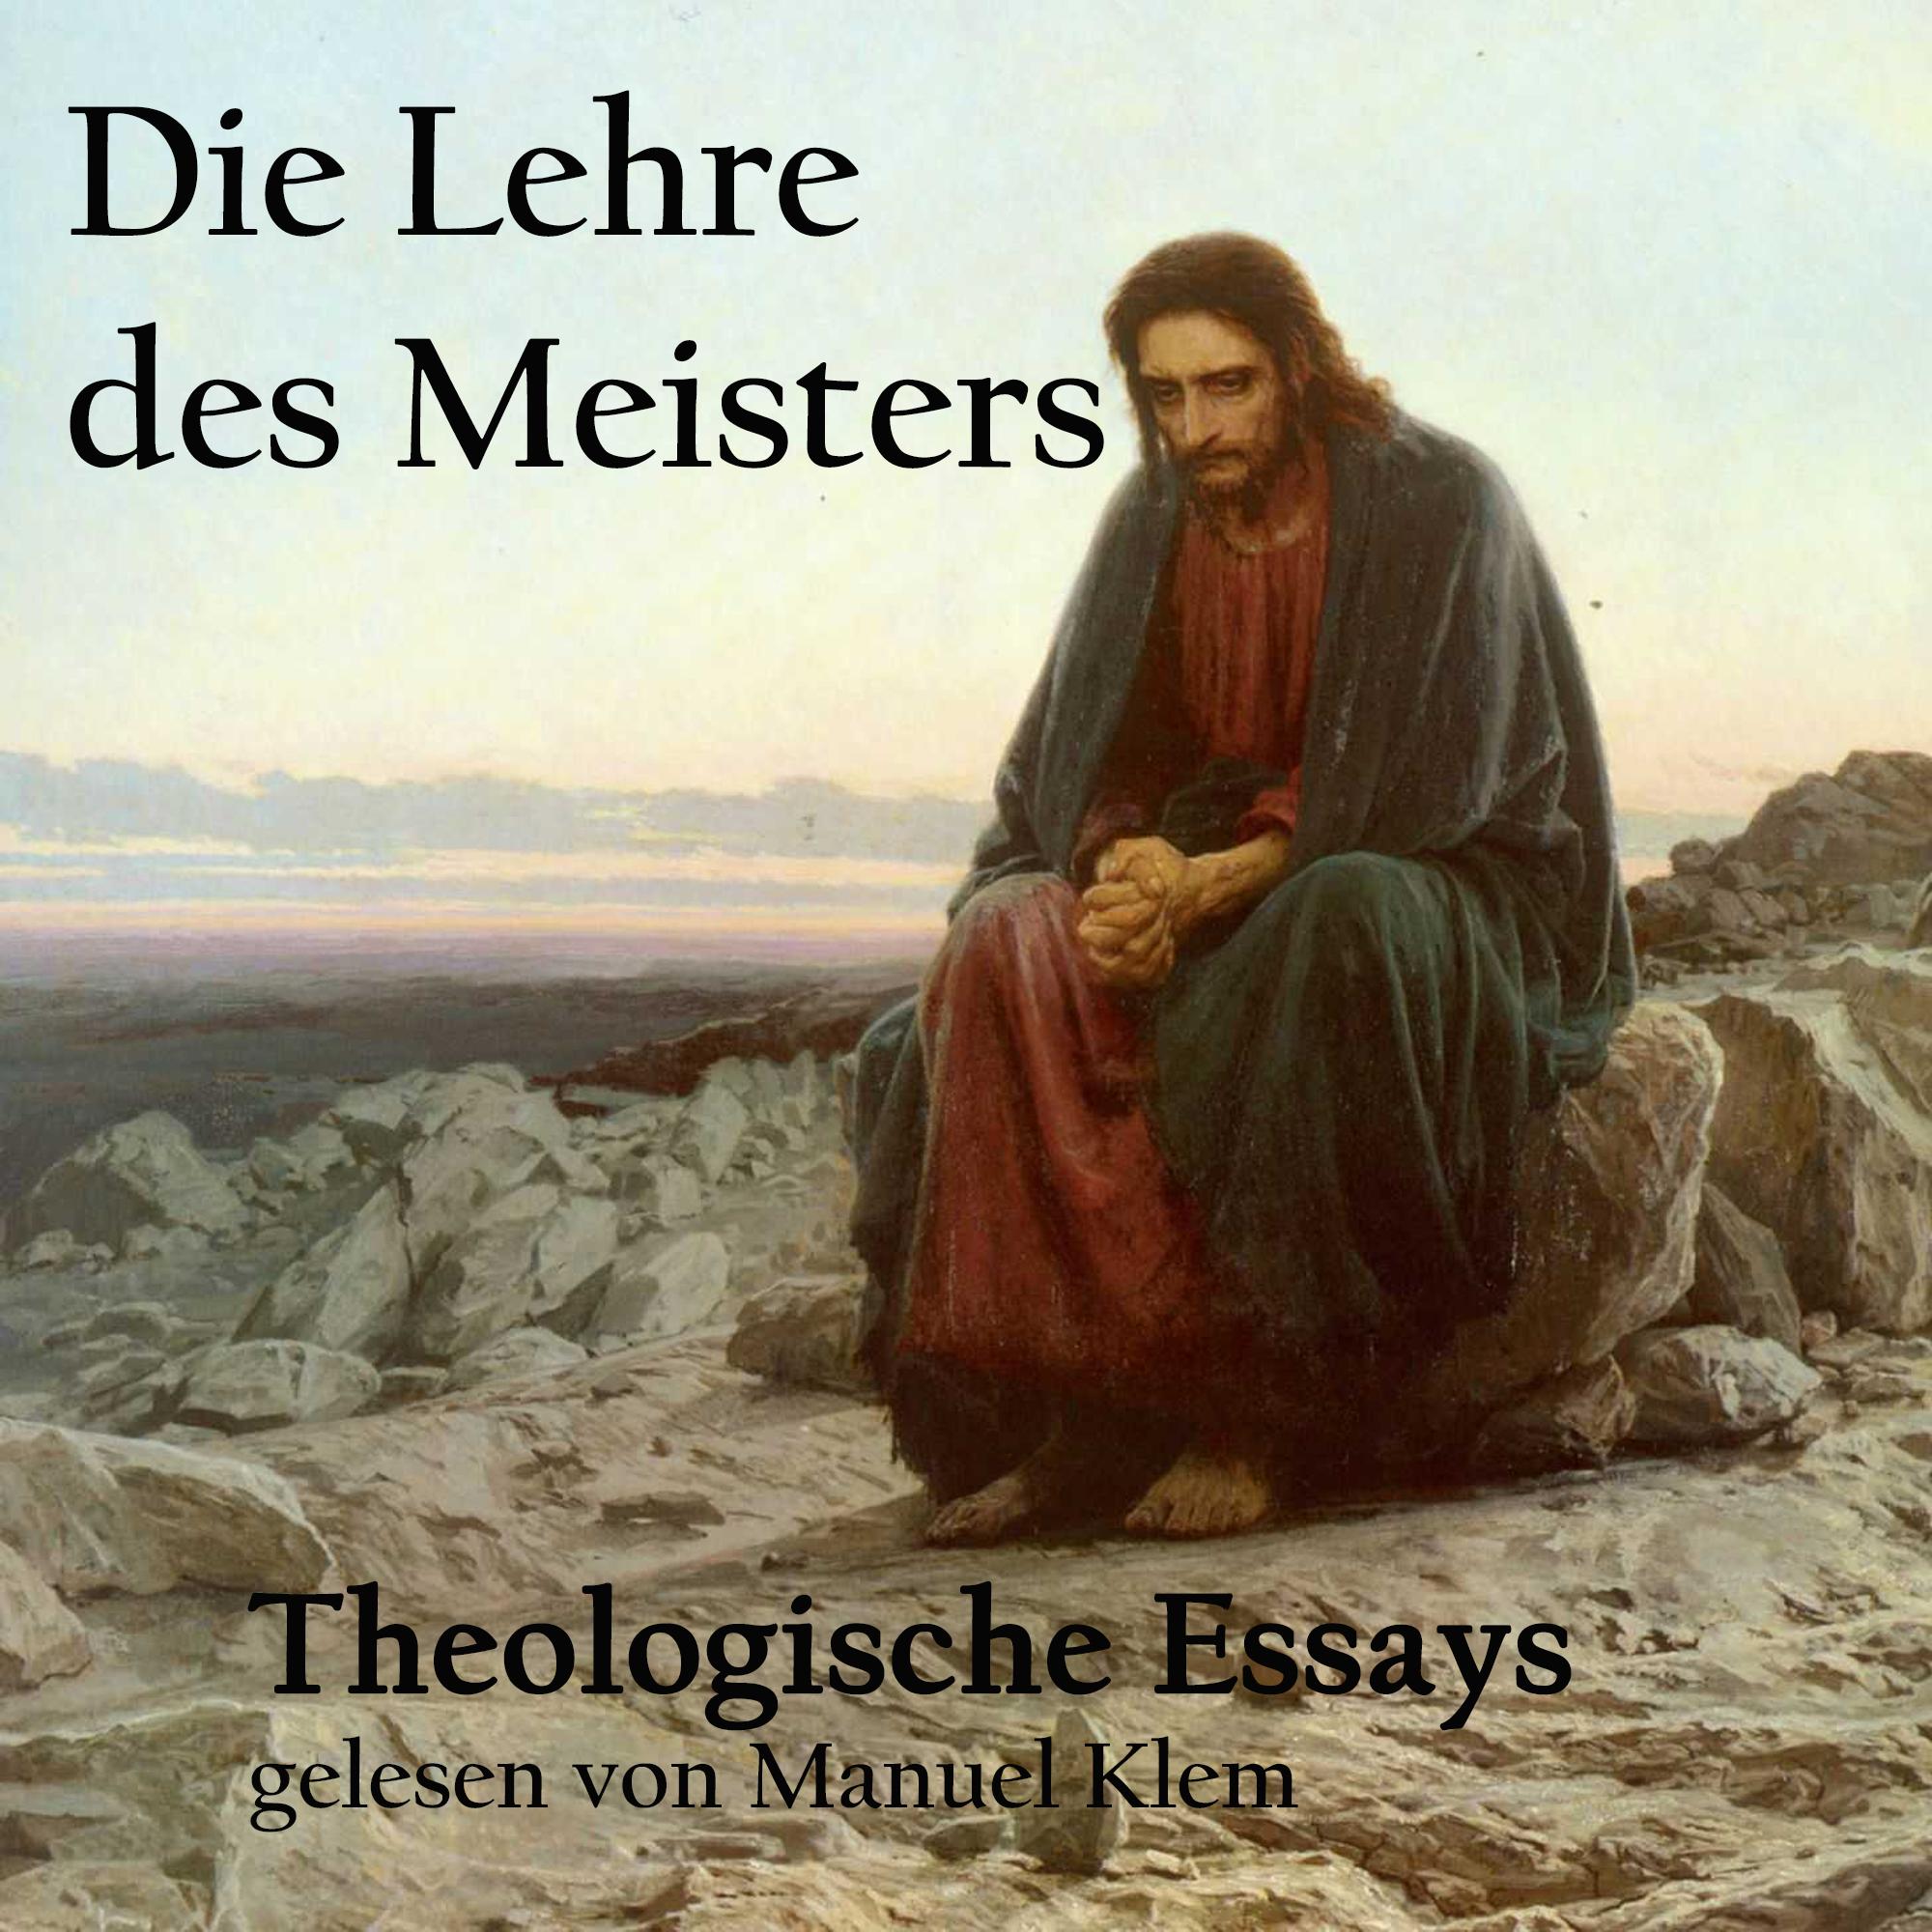 Theologische Essays